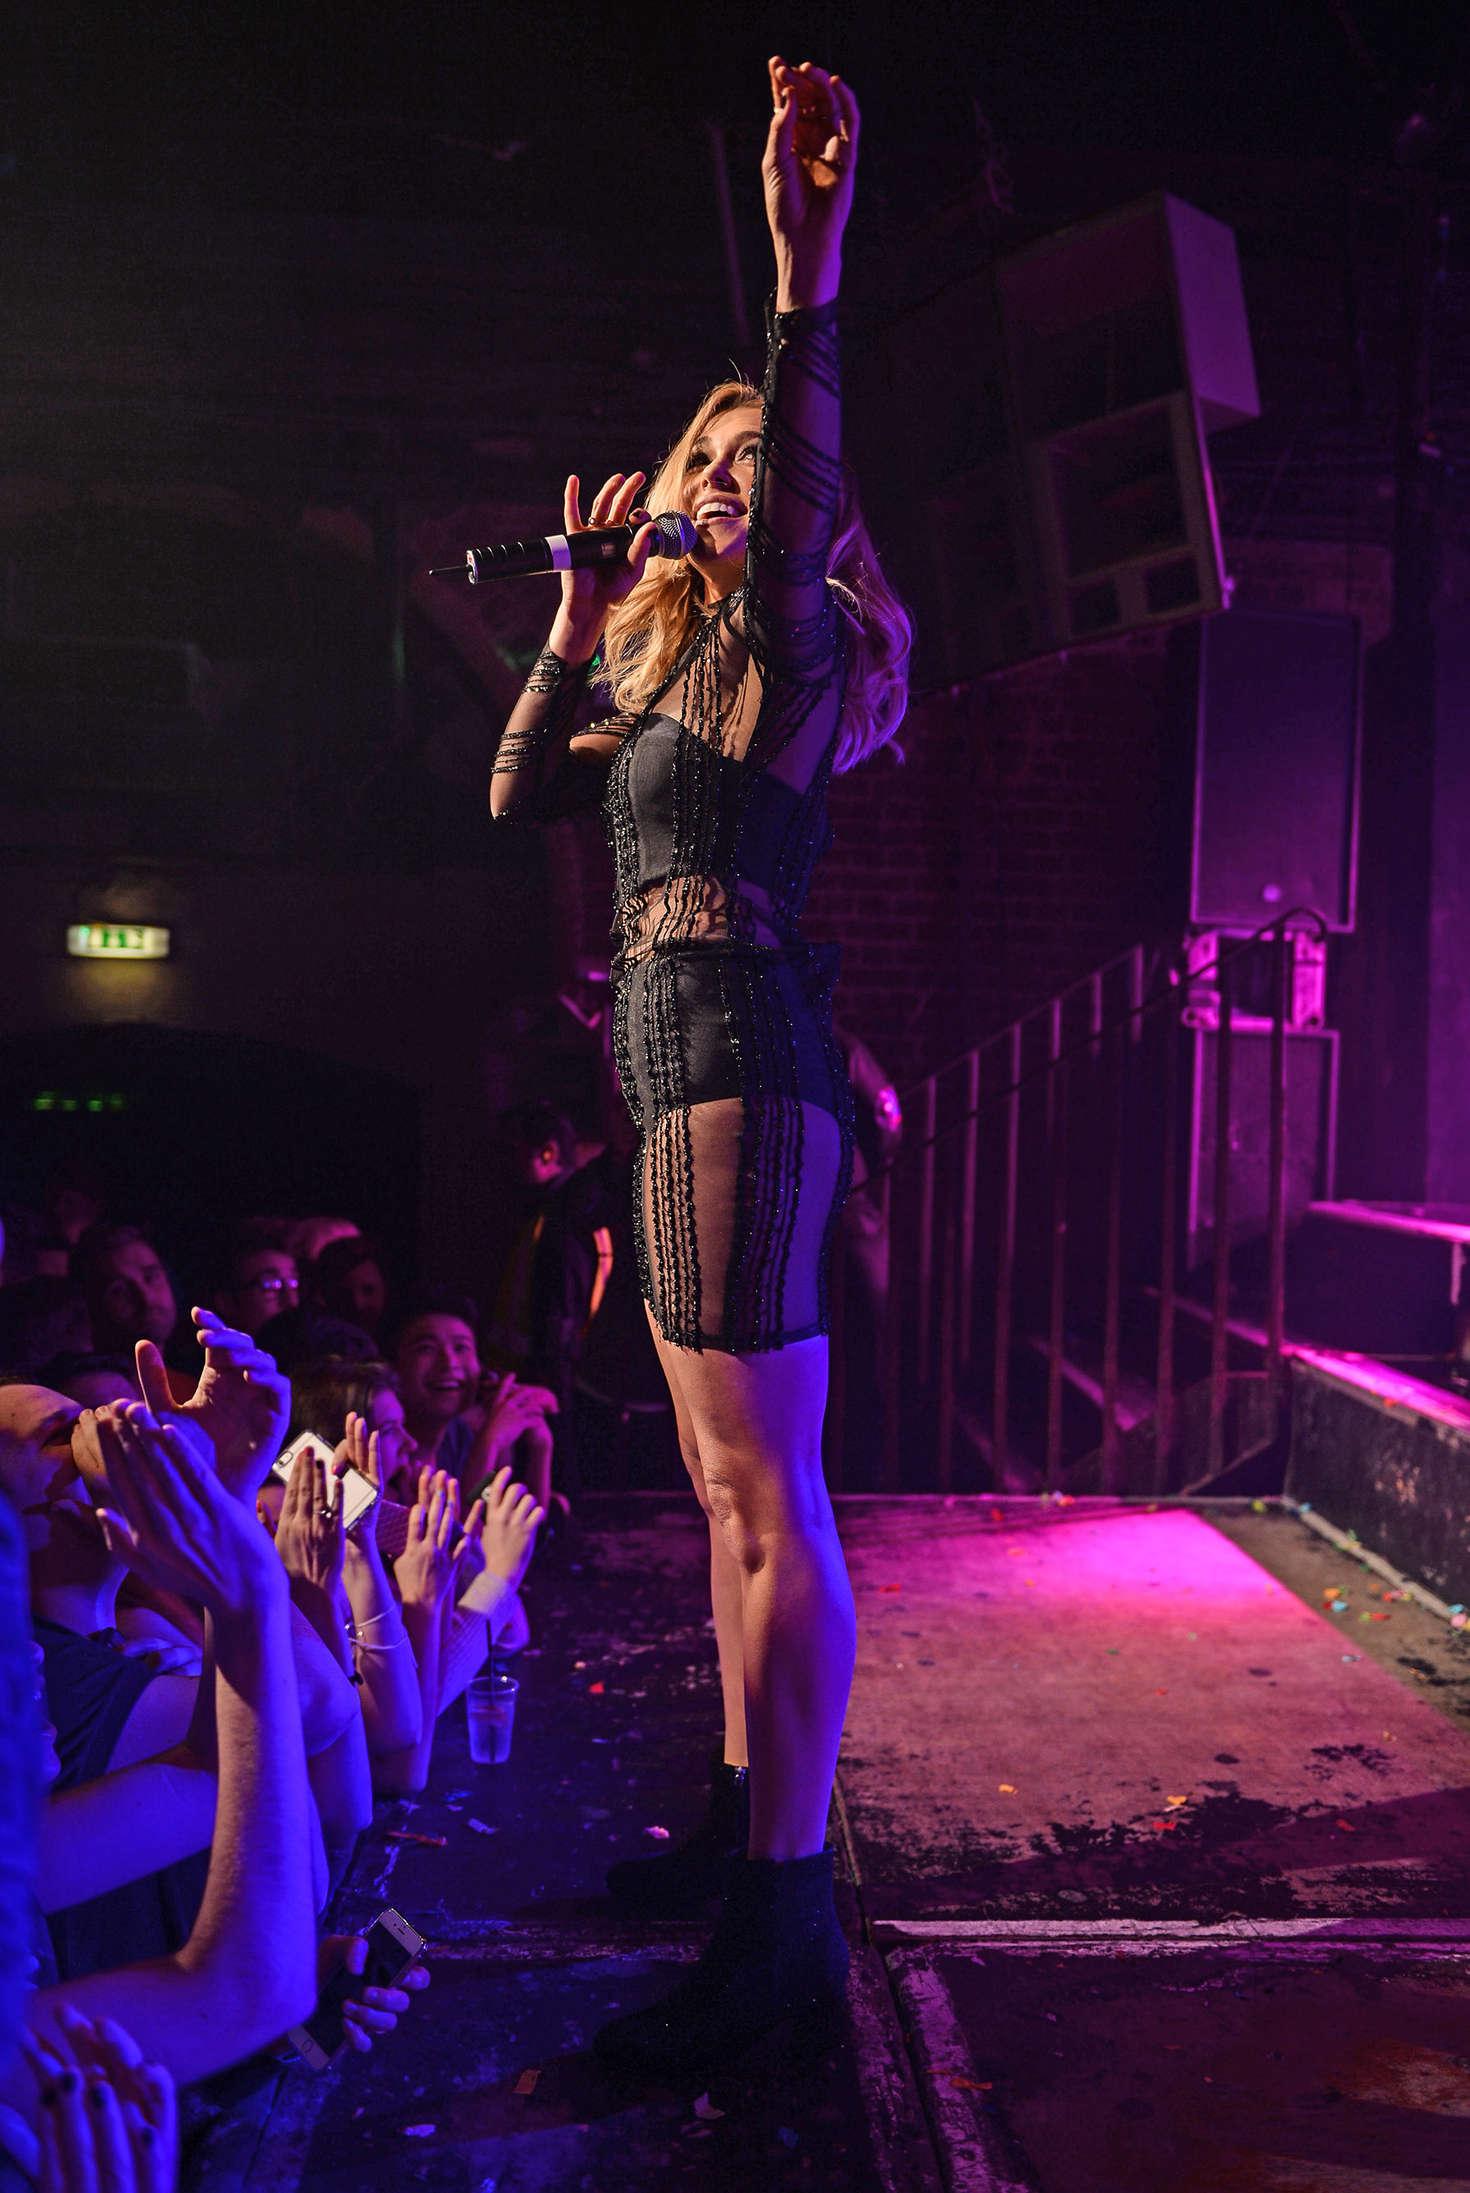 Rachel Platten Performing at G-A-Y in London